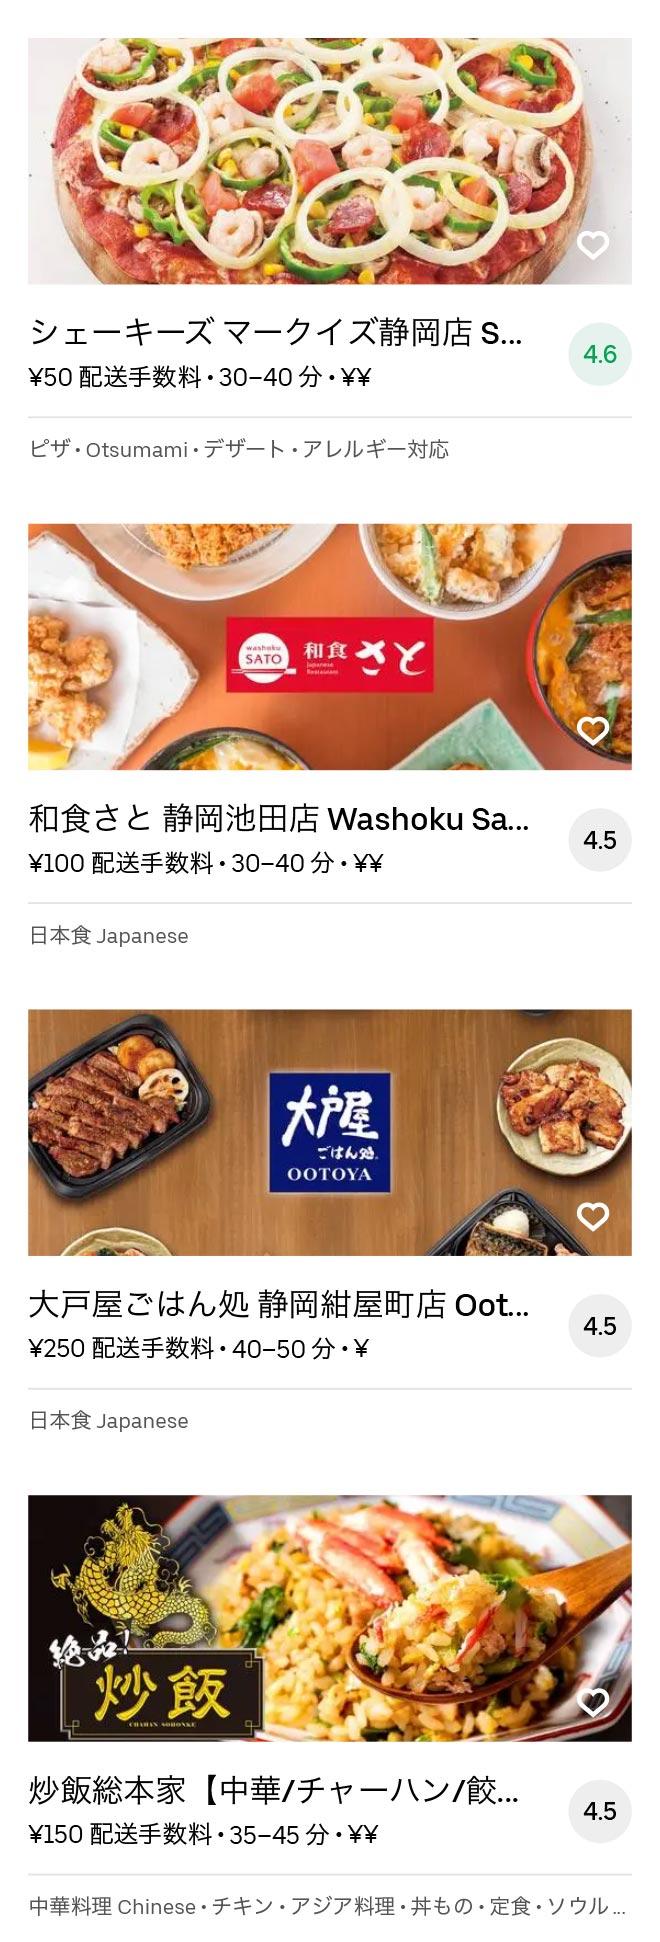 Higashi shizuoka menu 2010 07